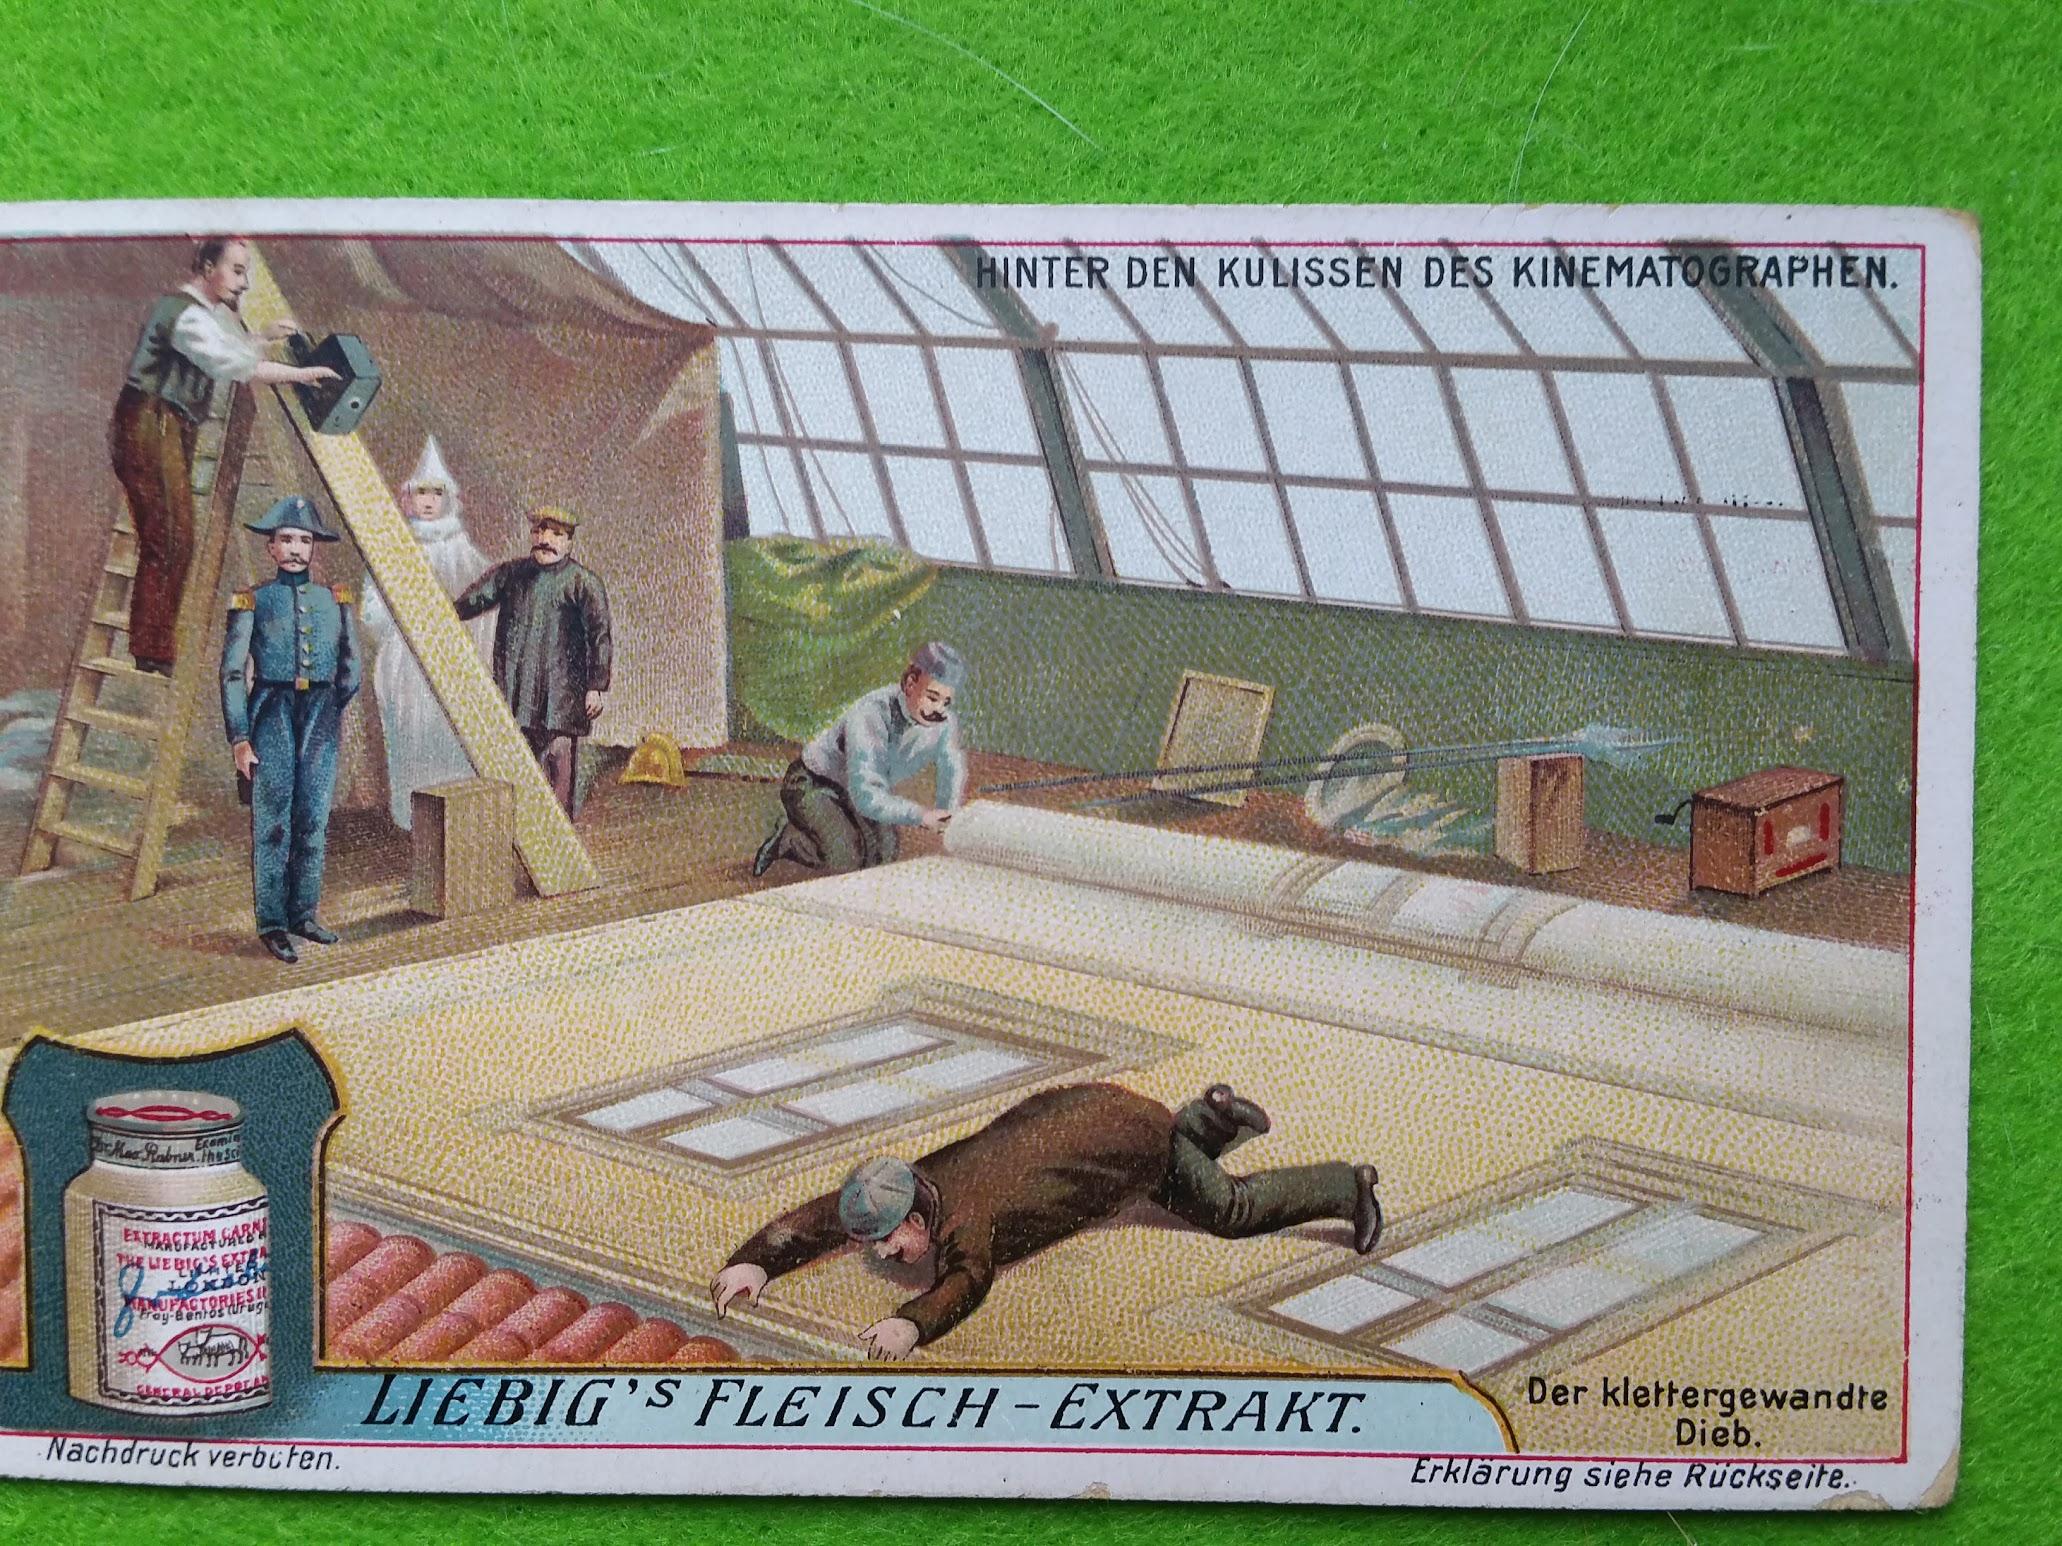 Liebig's Fleisch-Extrakt - Sammelbilder - Hinter den Kulissen des Kinematographen - 1913